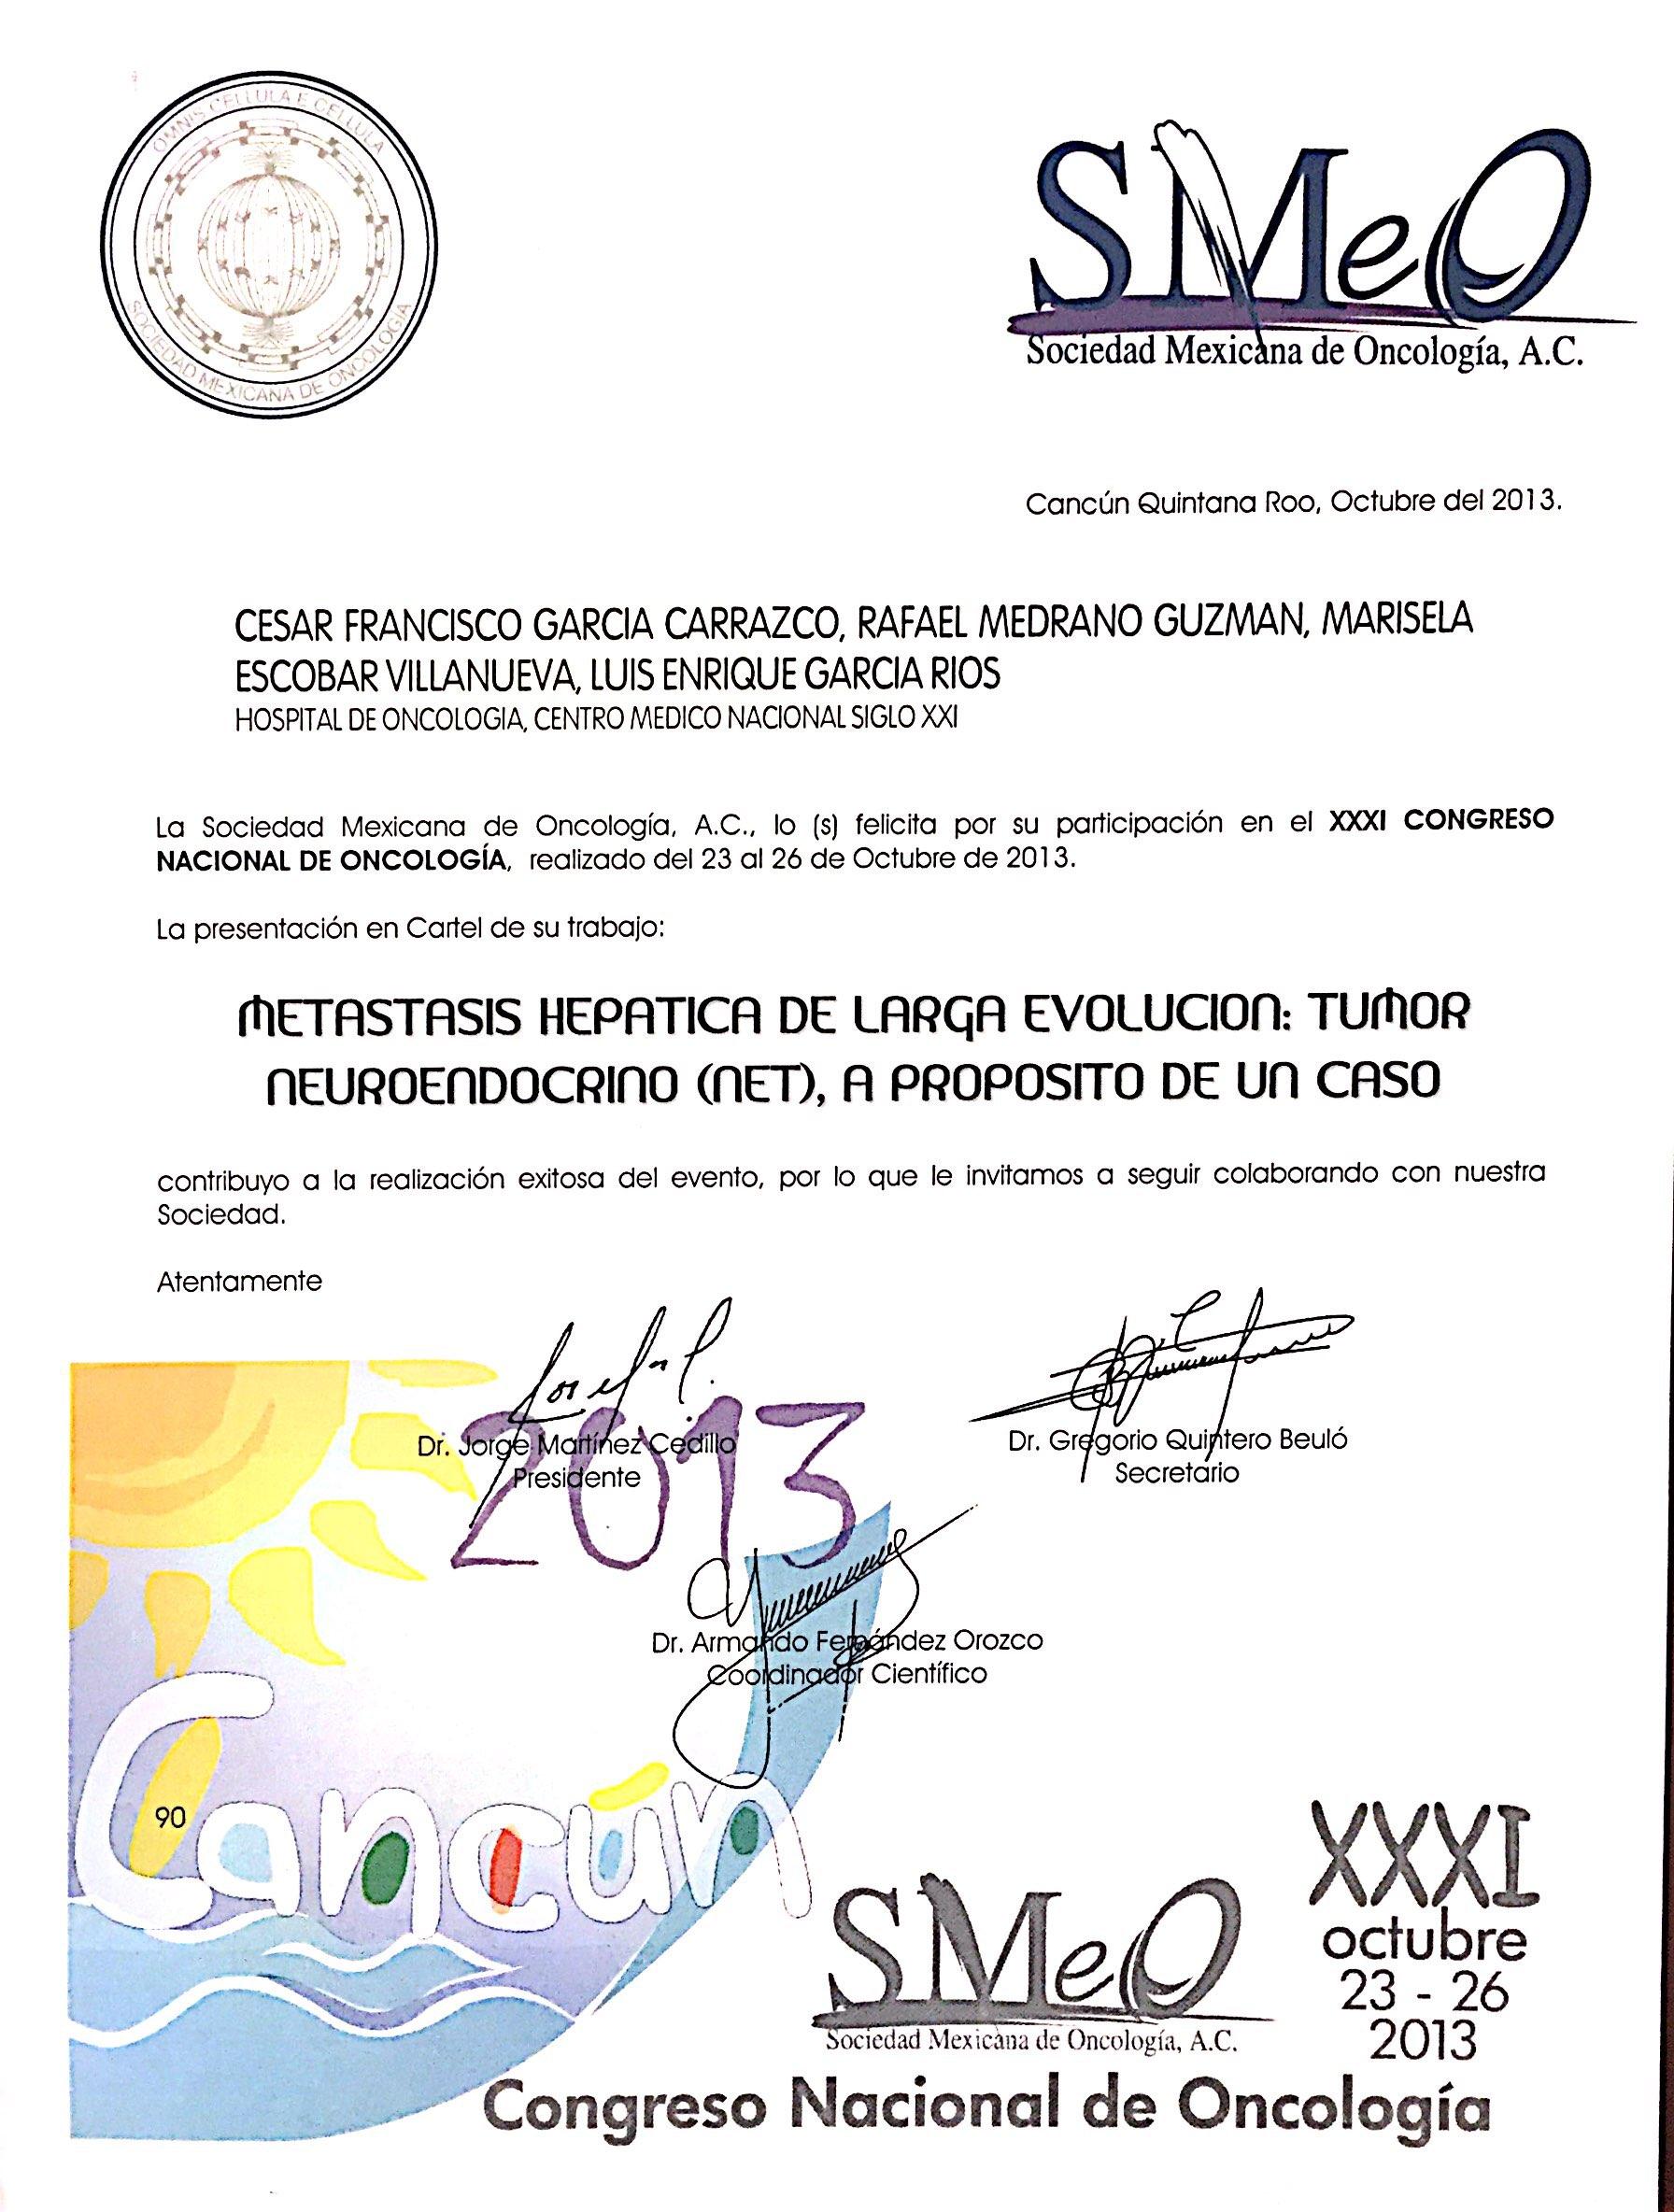 Dr. Garcia Carrazco_57